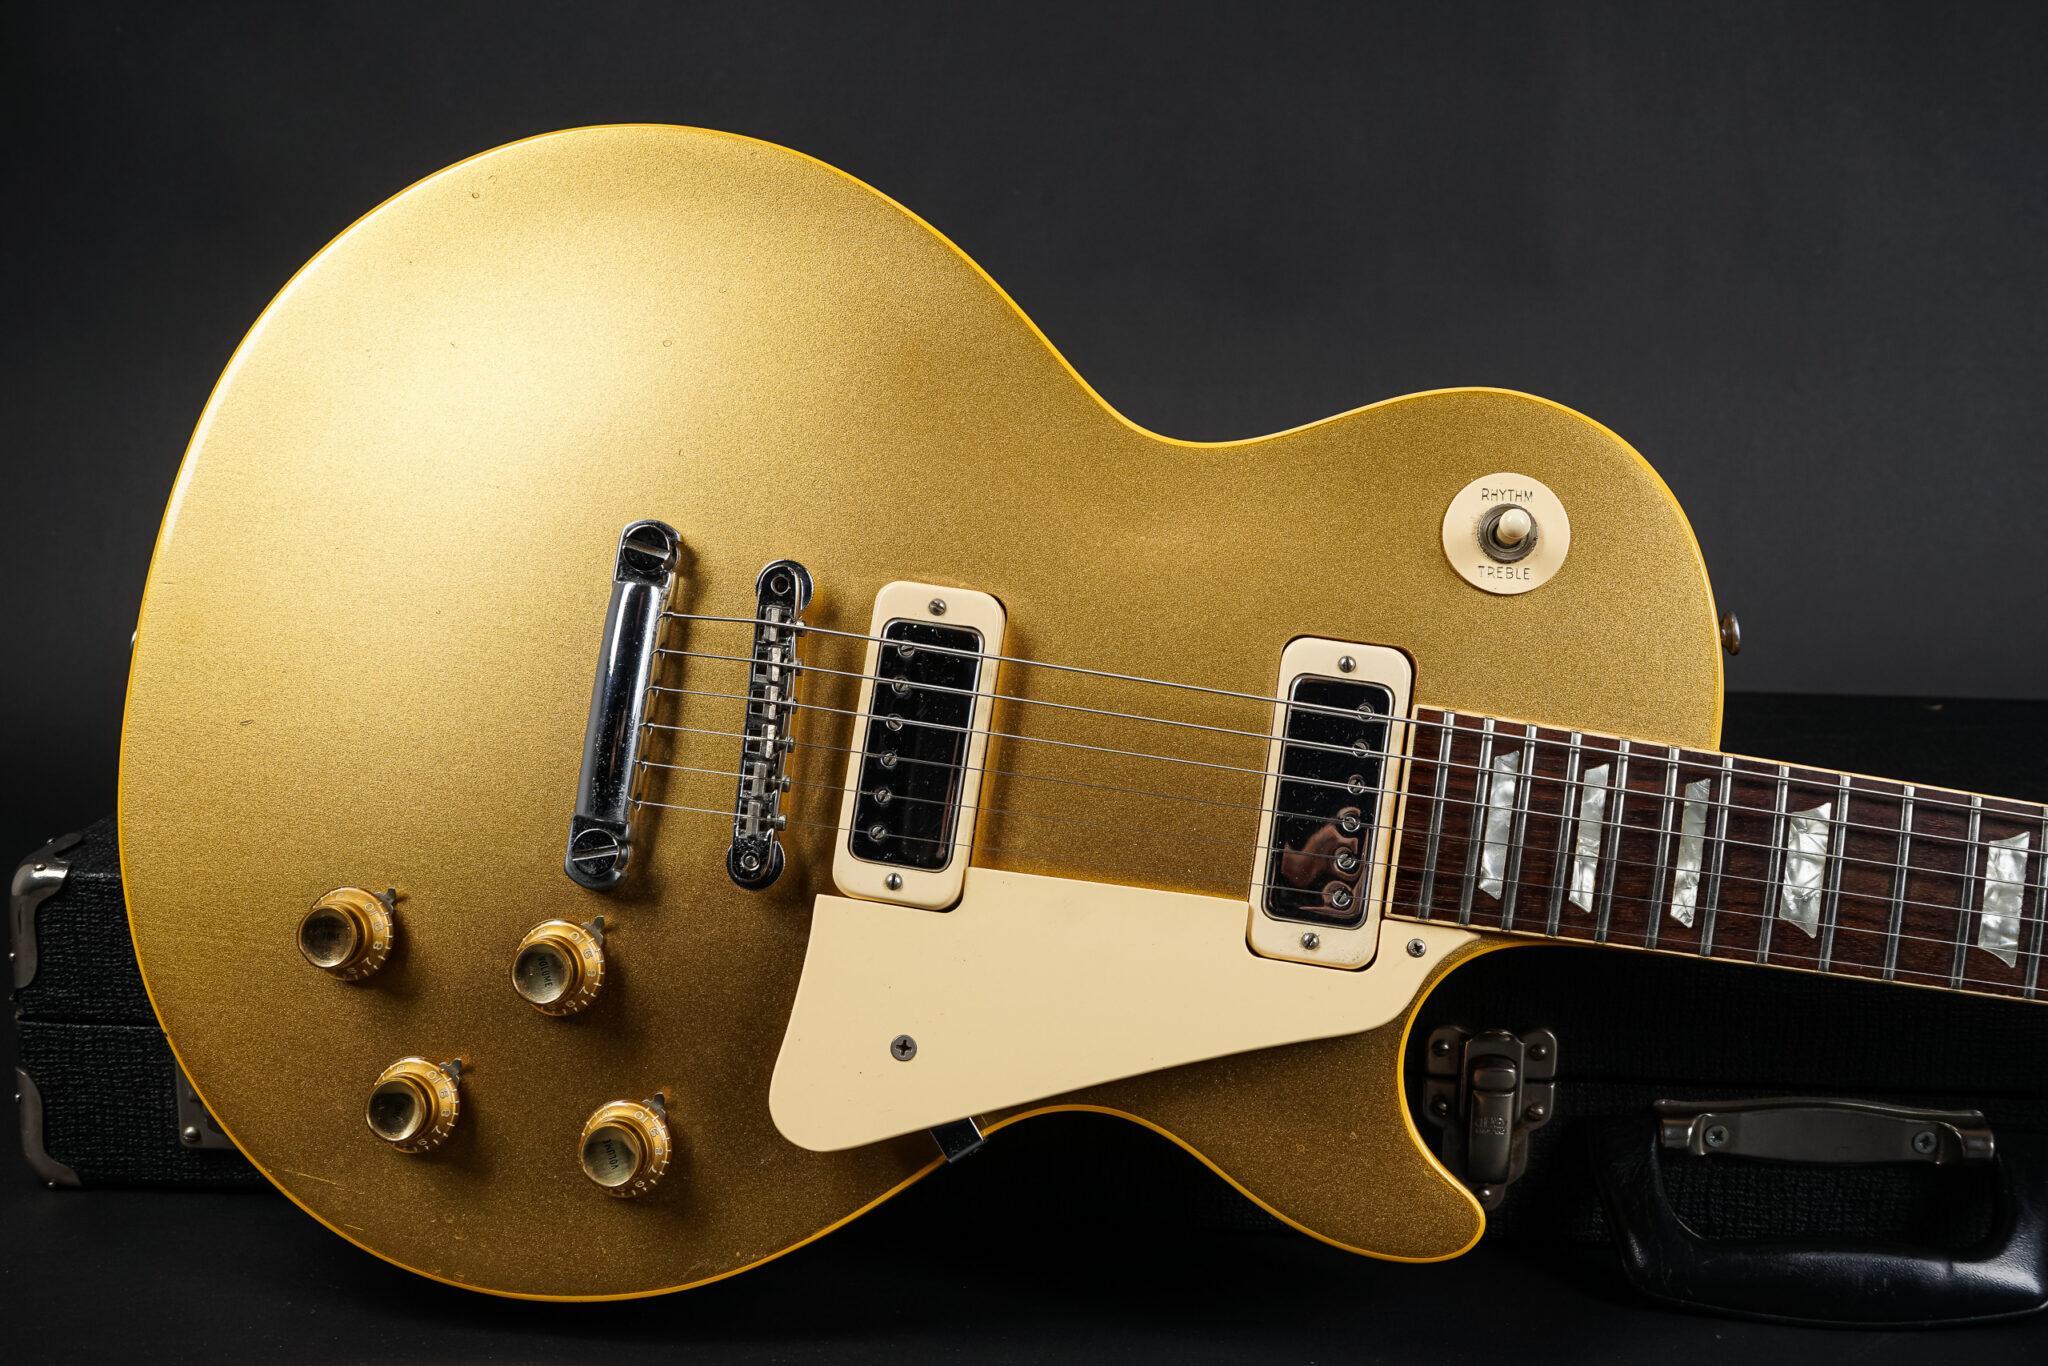 https://guitarpoint.de/app/uploads/products/1973-gibson-les-paul-deluxe-goldtop-exc/1973-Gibson-Les-Paul-Deluxe-Goldtop-778585-8-2048x1366.jpg